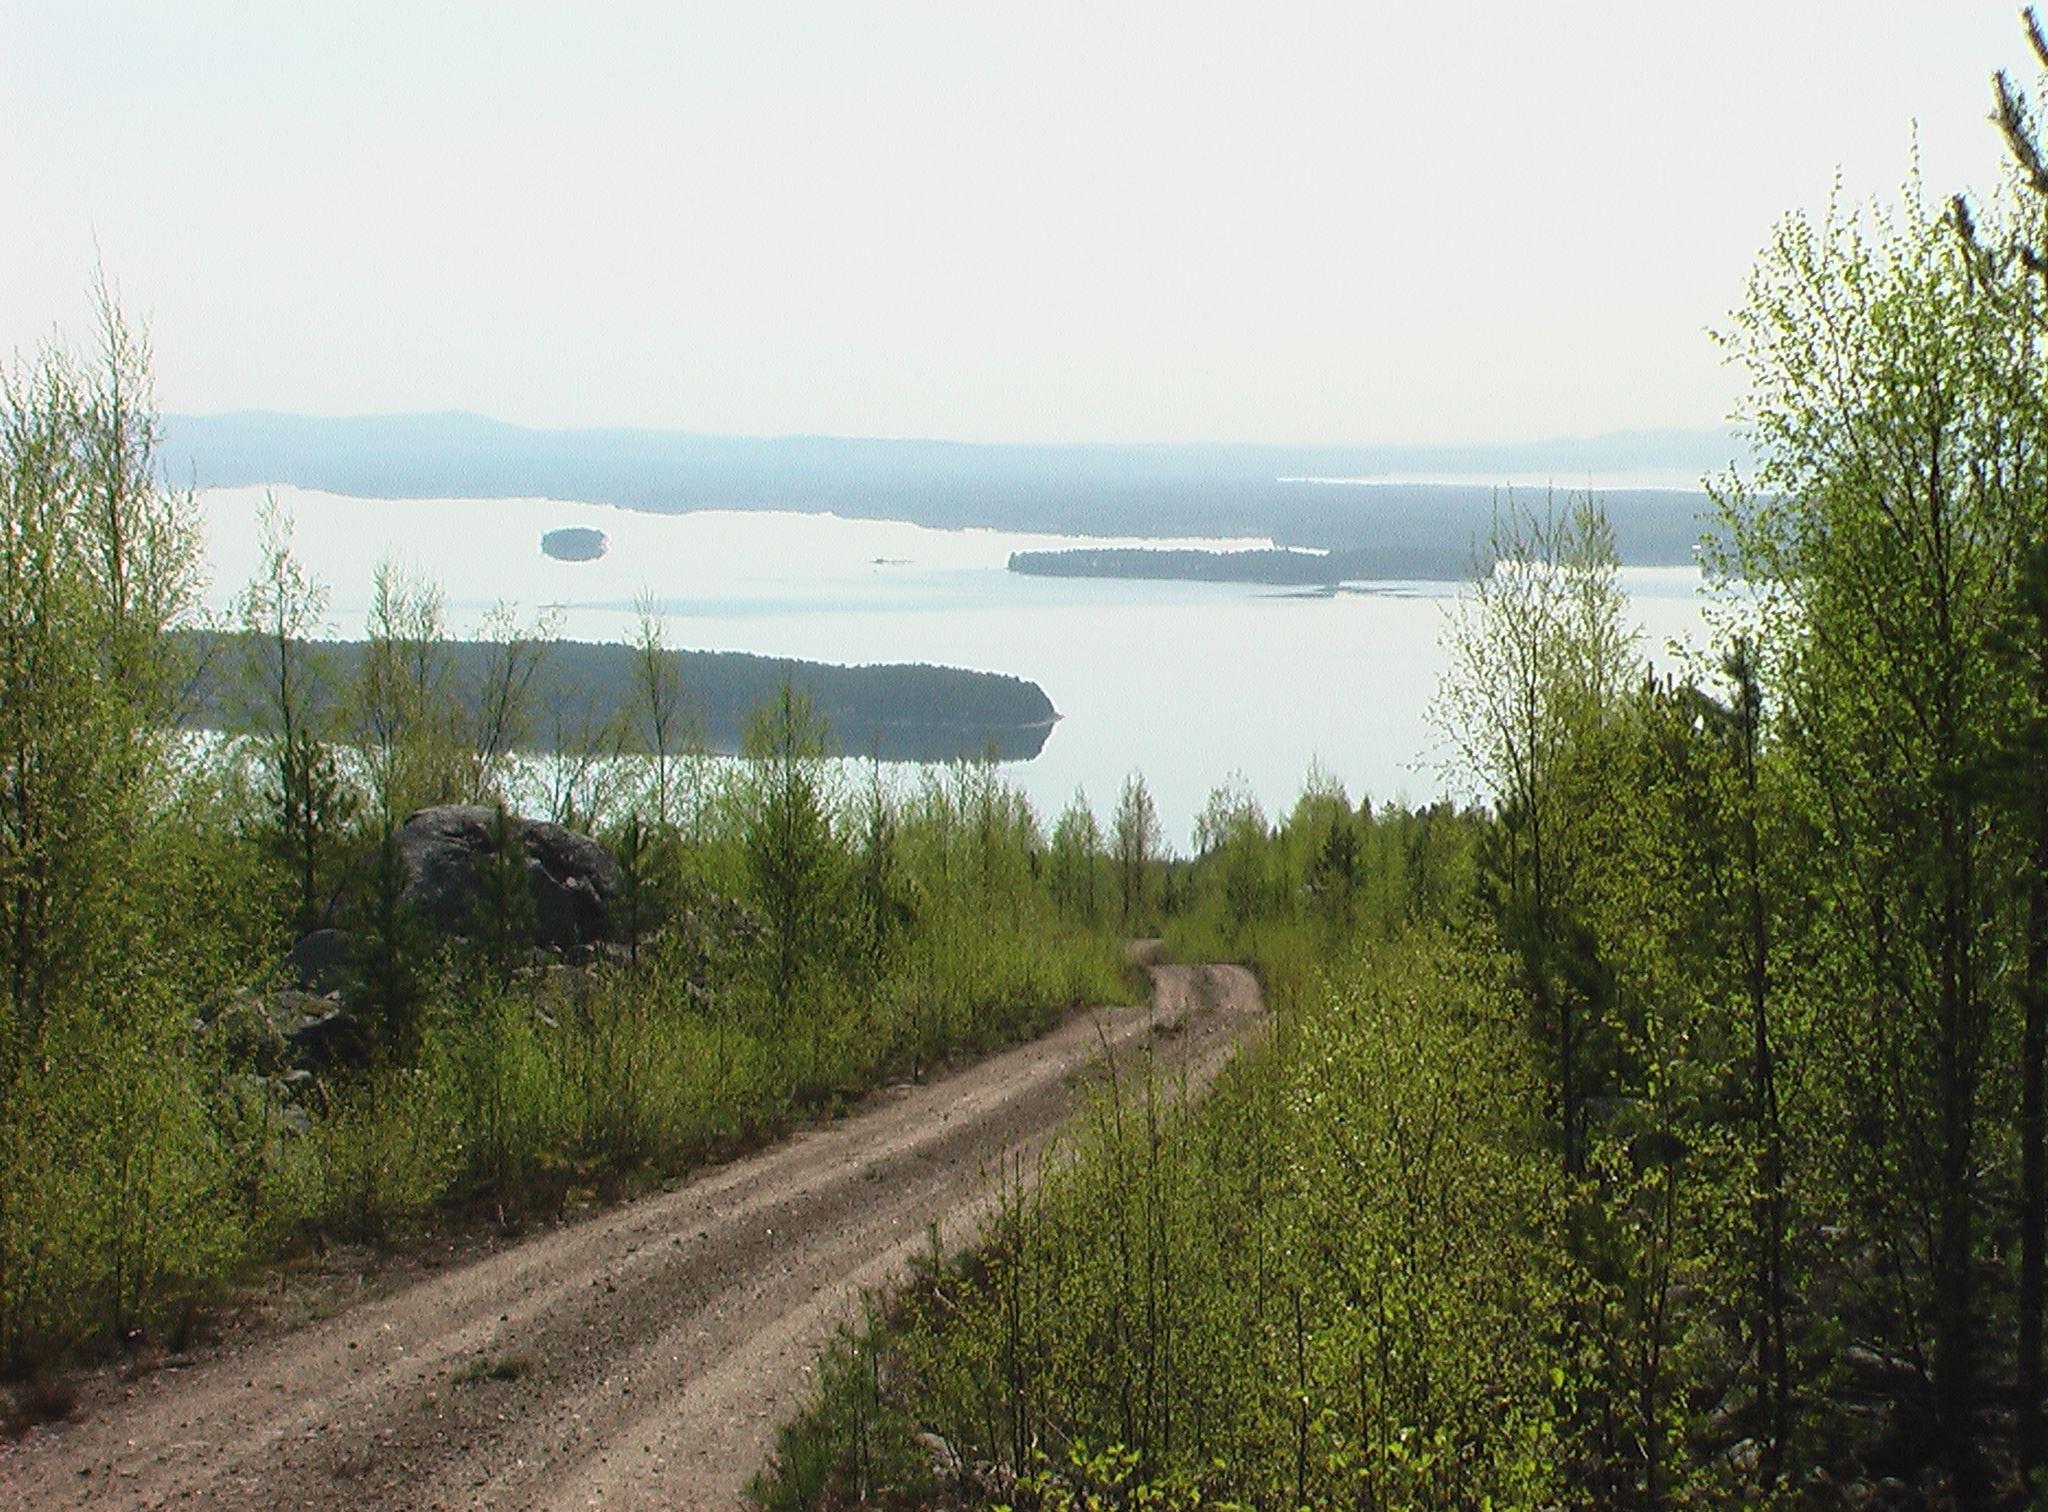 Ylvagården - The Ylvafarm